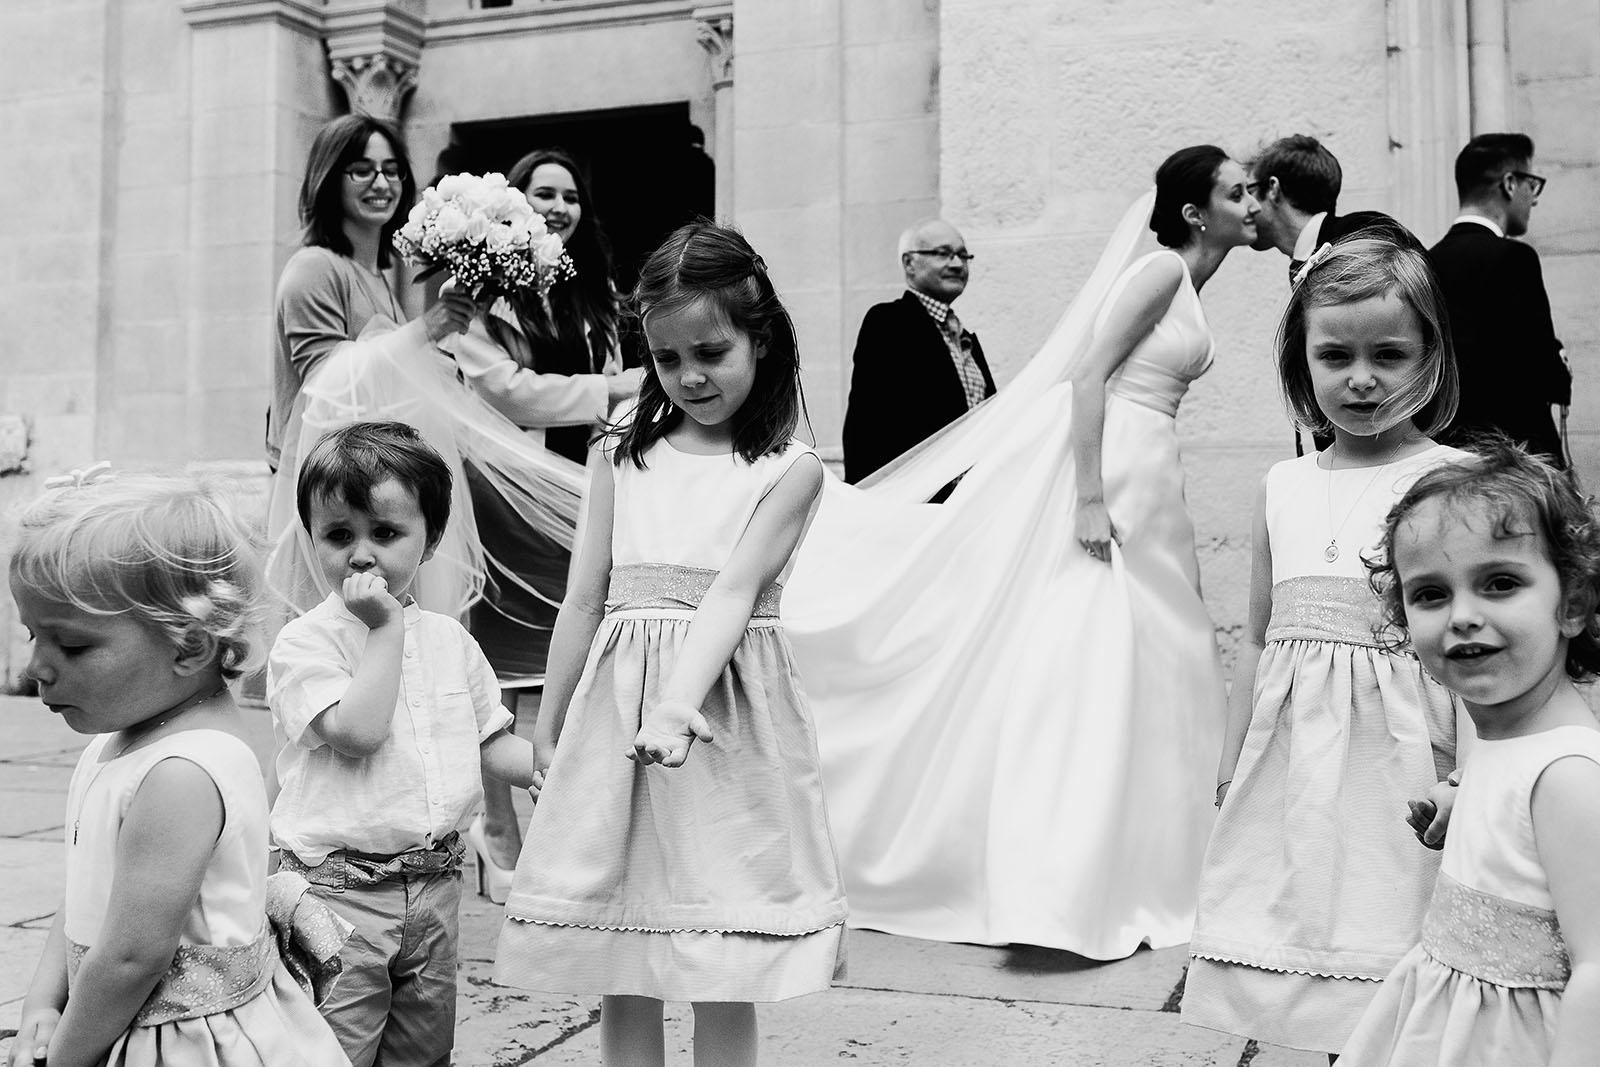 Meilleures photographies de mariage du photographe de mariage David Pommier. Lyon 2. Photographe de mariage à Lyon. L'entrée de l'église avec la mariée et les enfants d'honneur